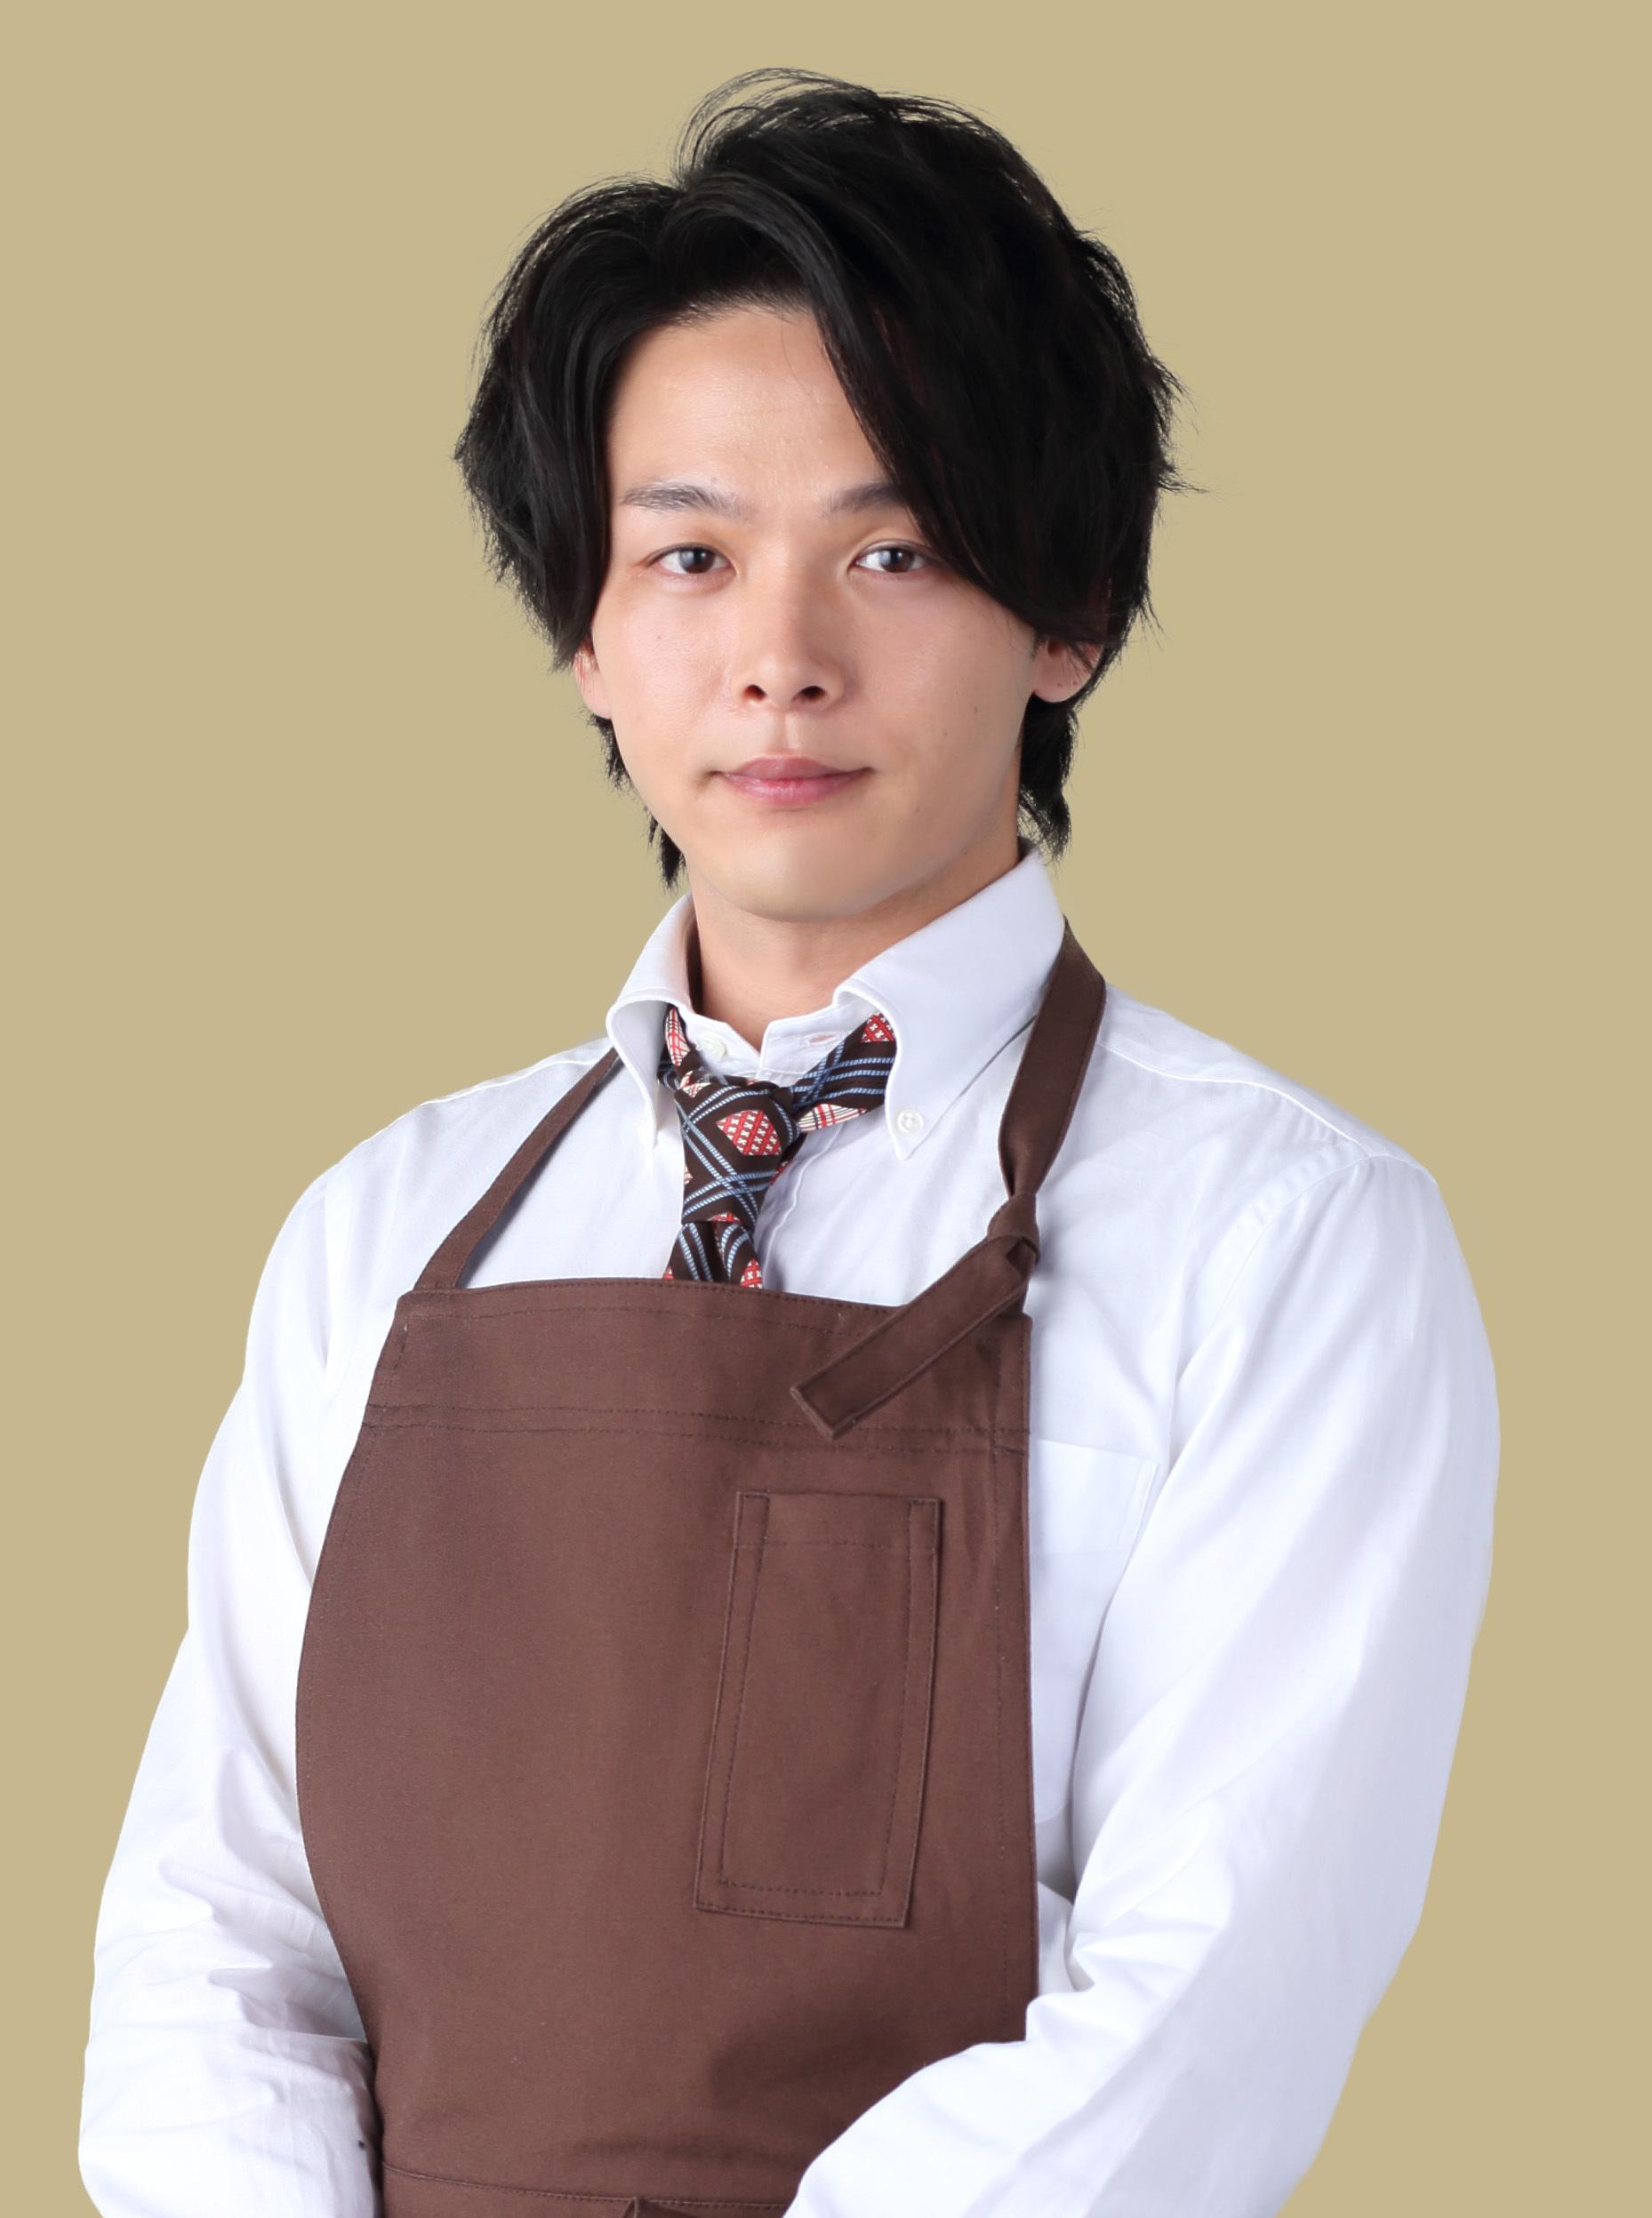 中村倫也 (C)「珈琲いかがでしょう」製作委員会